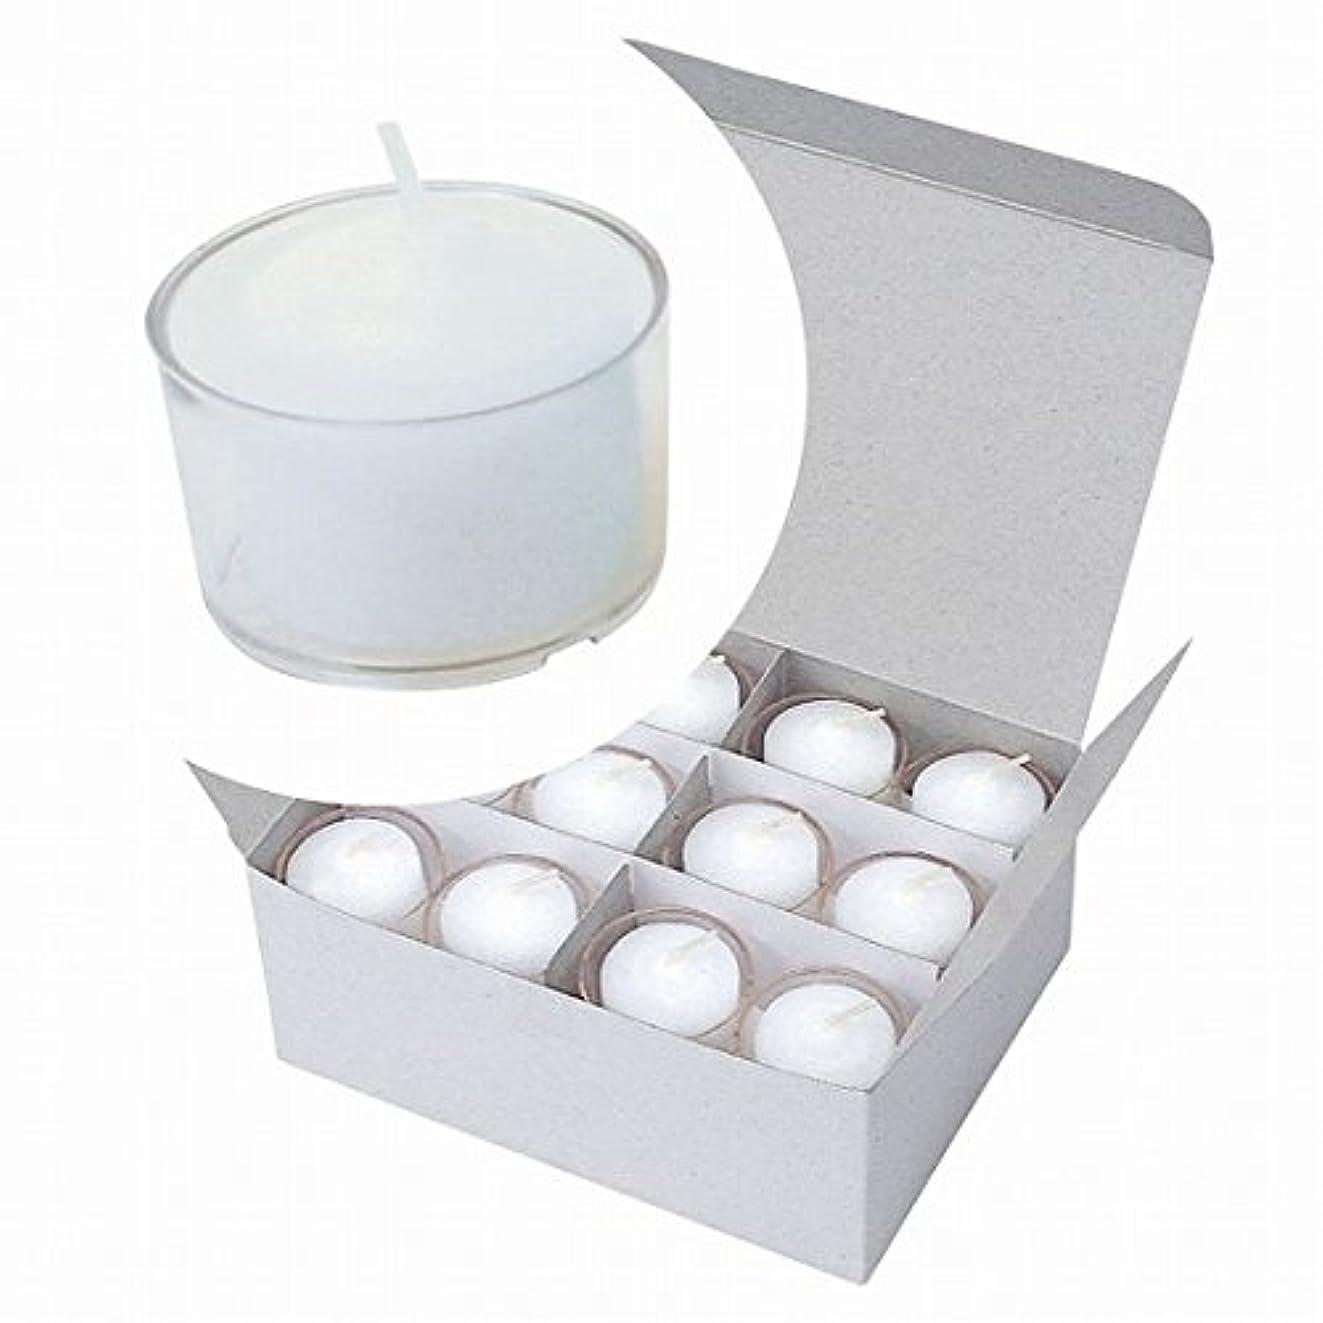 鰐アーネストシャクルトンペルメルカメヤマキャンドル(kameyama candle) カラークリアカップボーティブ6時間タイプ 24個入り 「 クリア 」